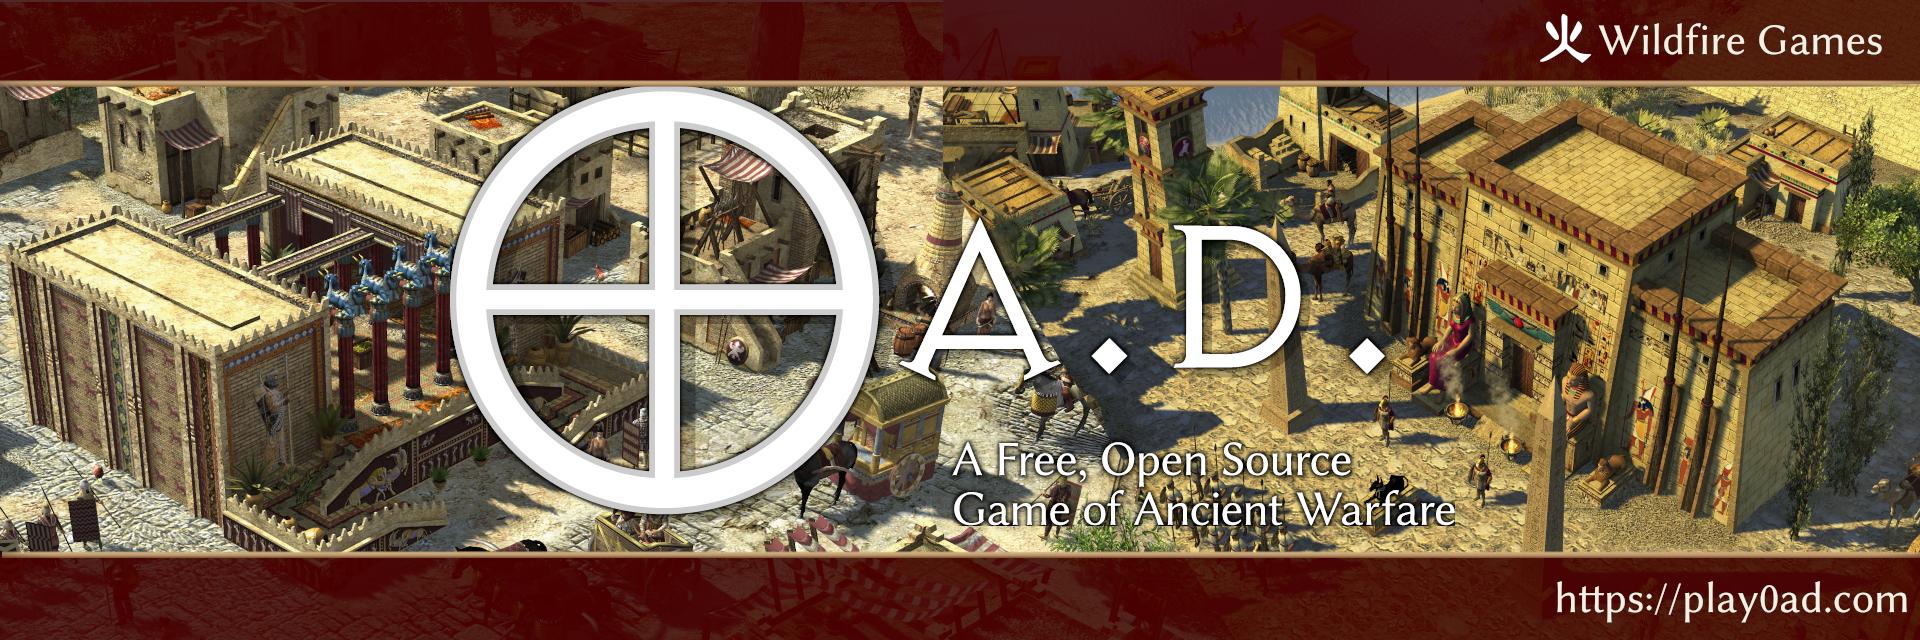 0 A.D. banner